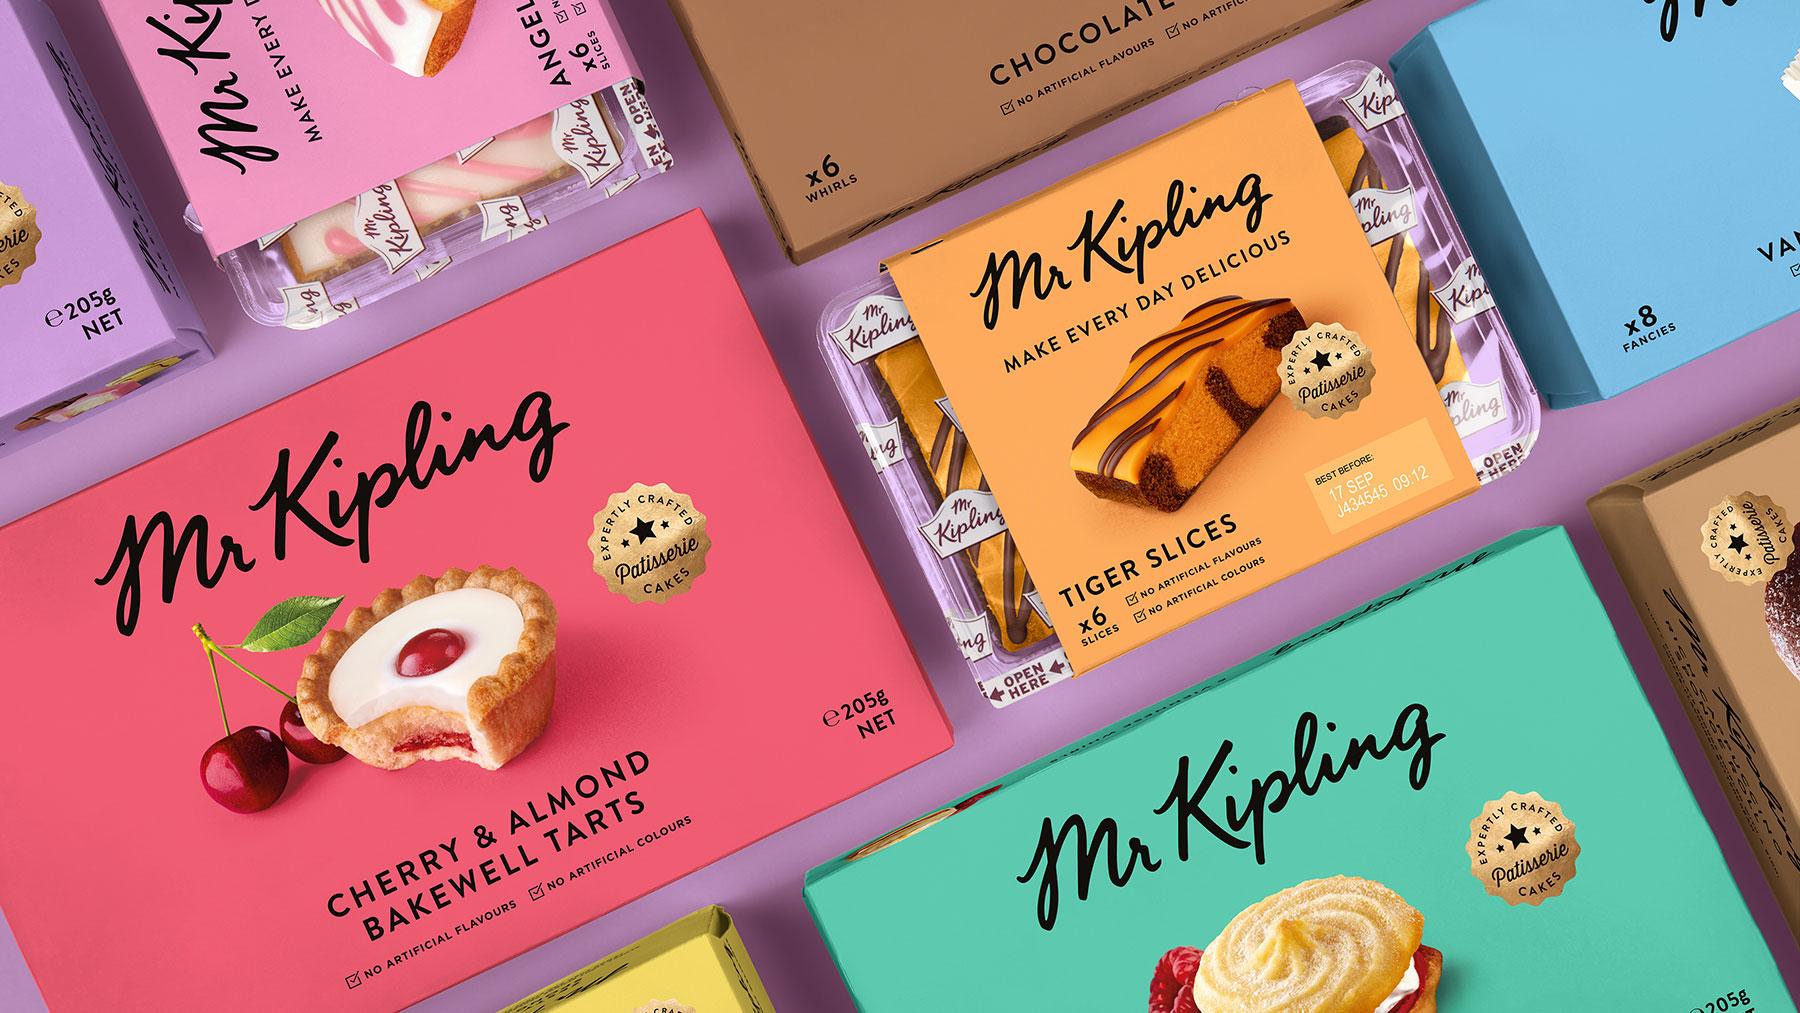 Mr Kipling cake boxes